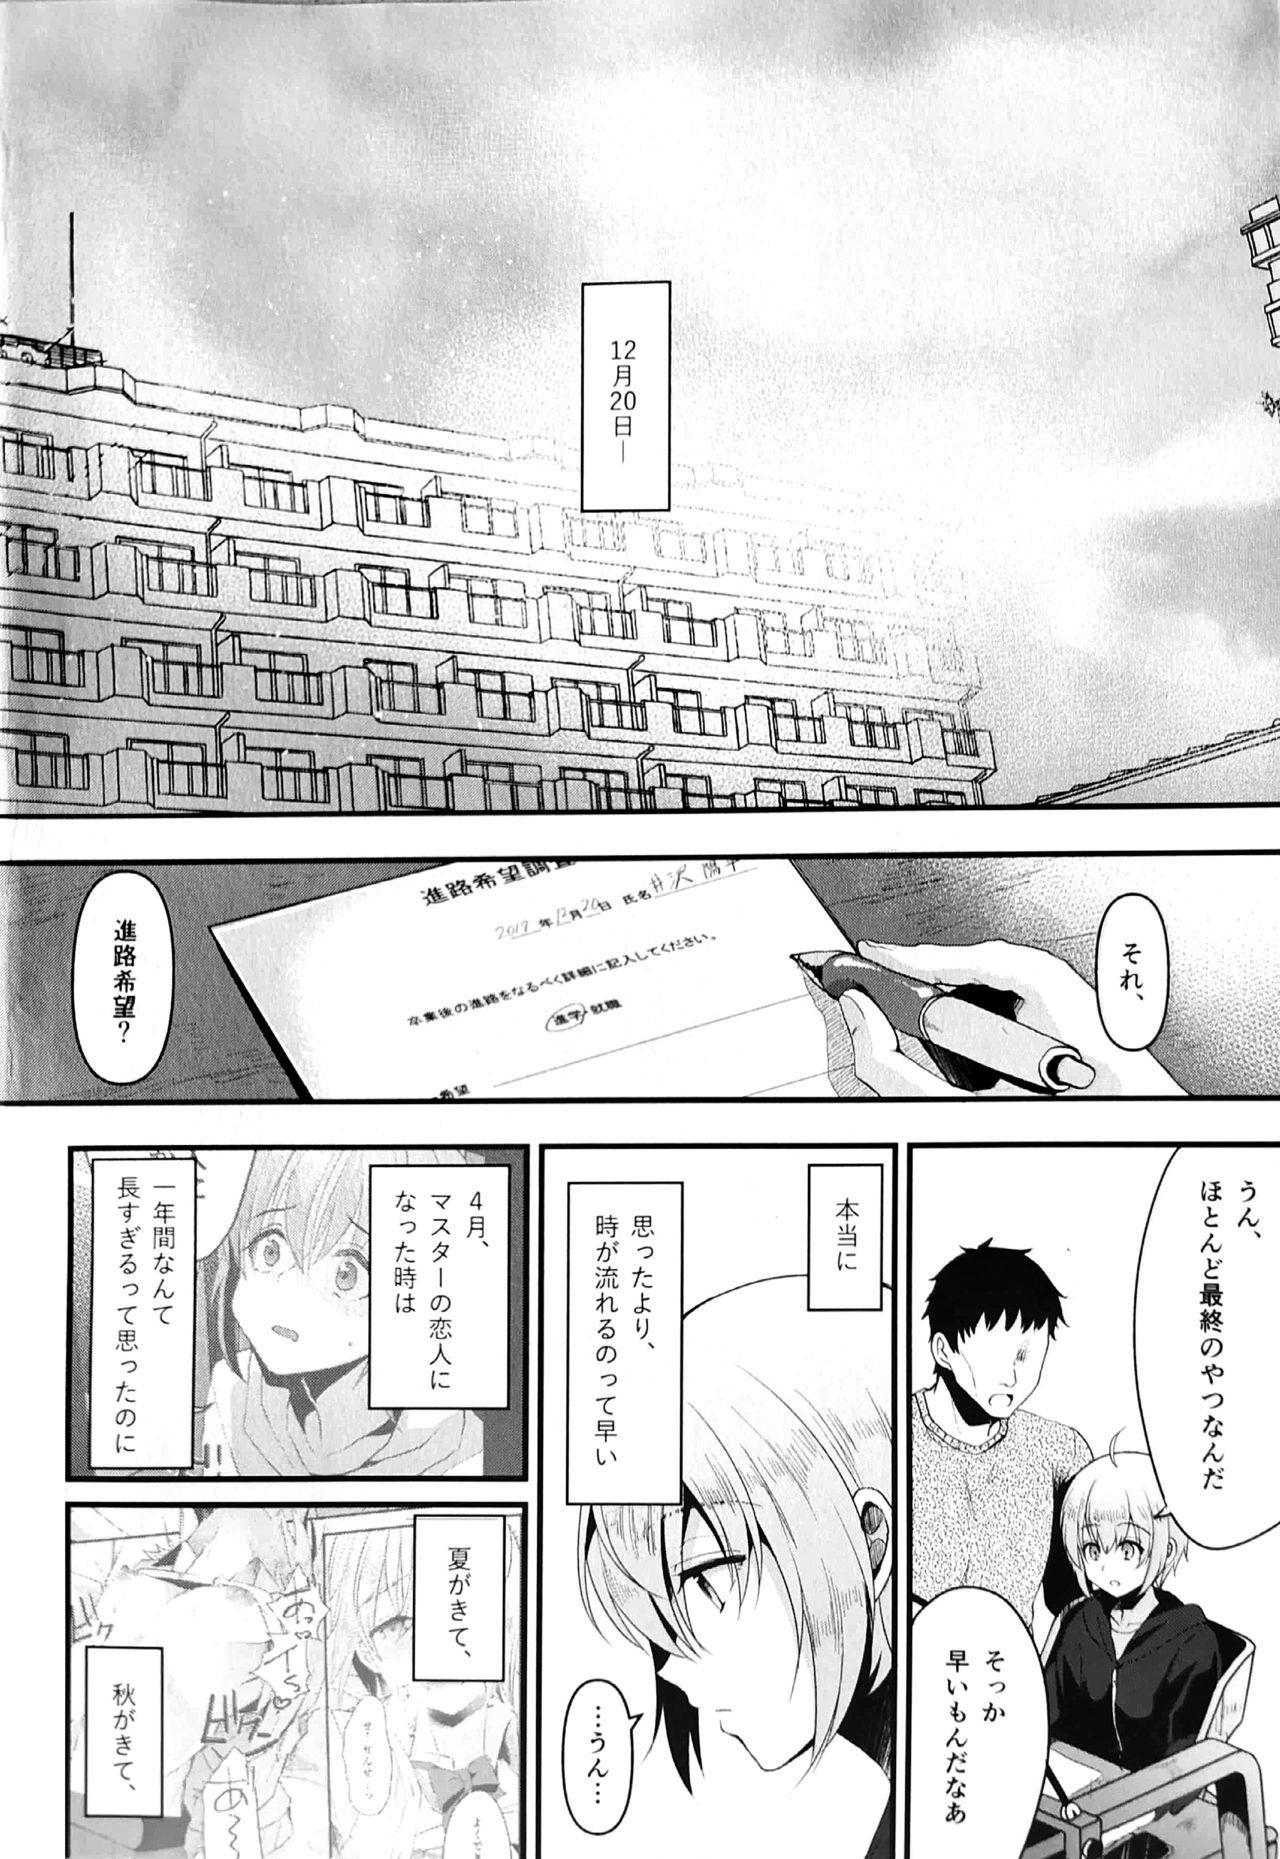 Kimi no Kareshi ni Naru Hazu datta. 5 2